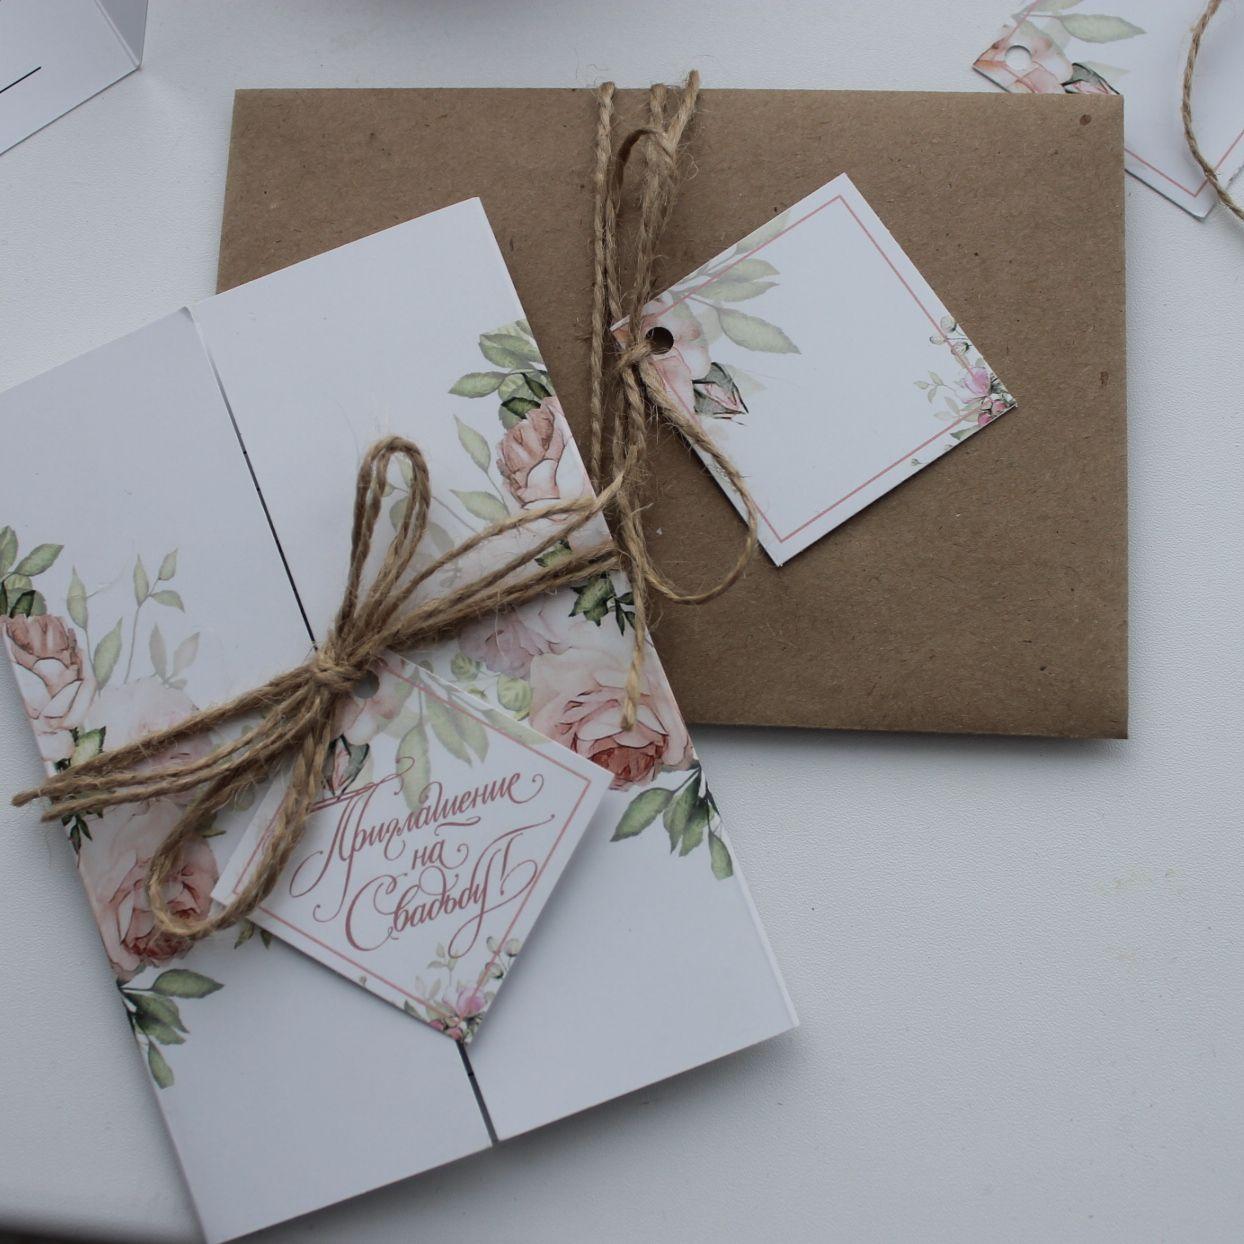 (от 15 шт.) Свадебные приглашения створки, перевязанные бичевкой. Эко стиль. крафт конверт